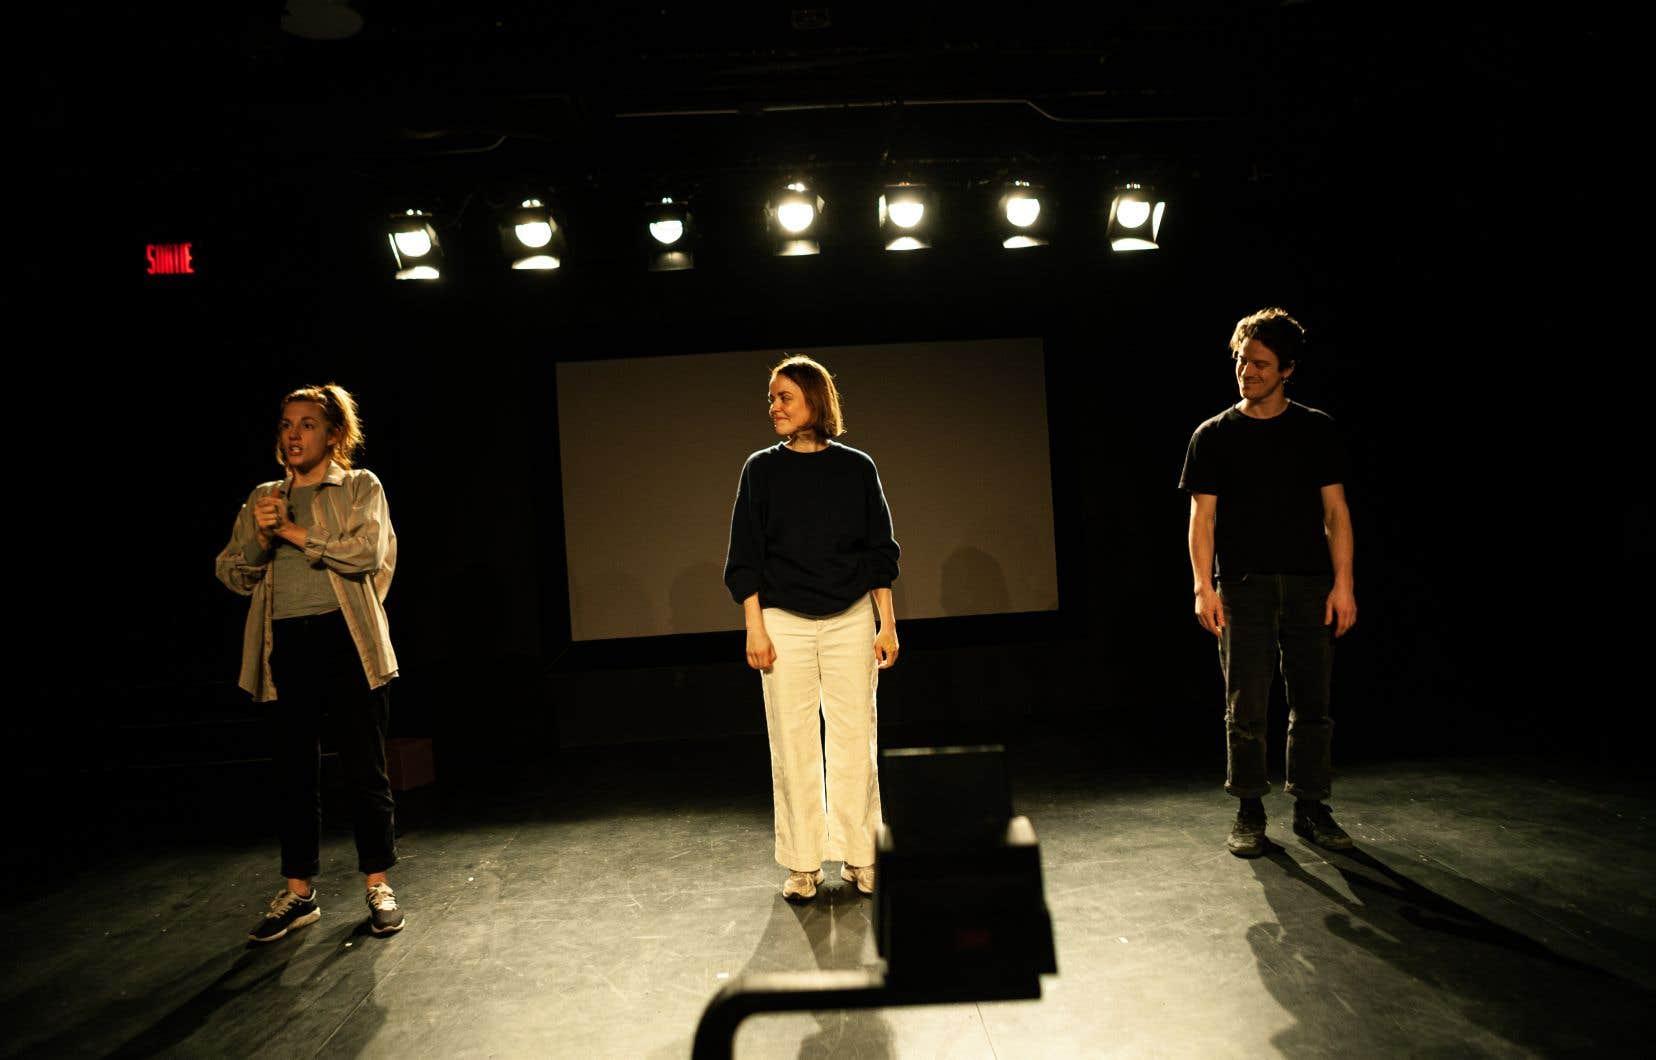 Grâce à la caméra placée dans ladite boîte, les spectateurs peuvent suivre l'expérience sur l'écran qui se trouve en fond de scène.